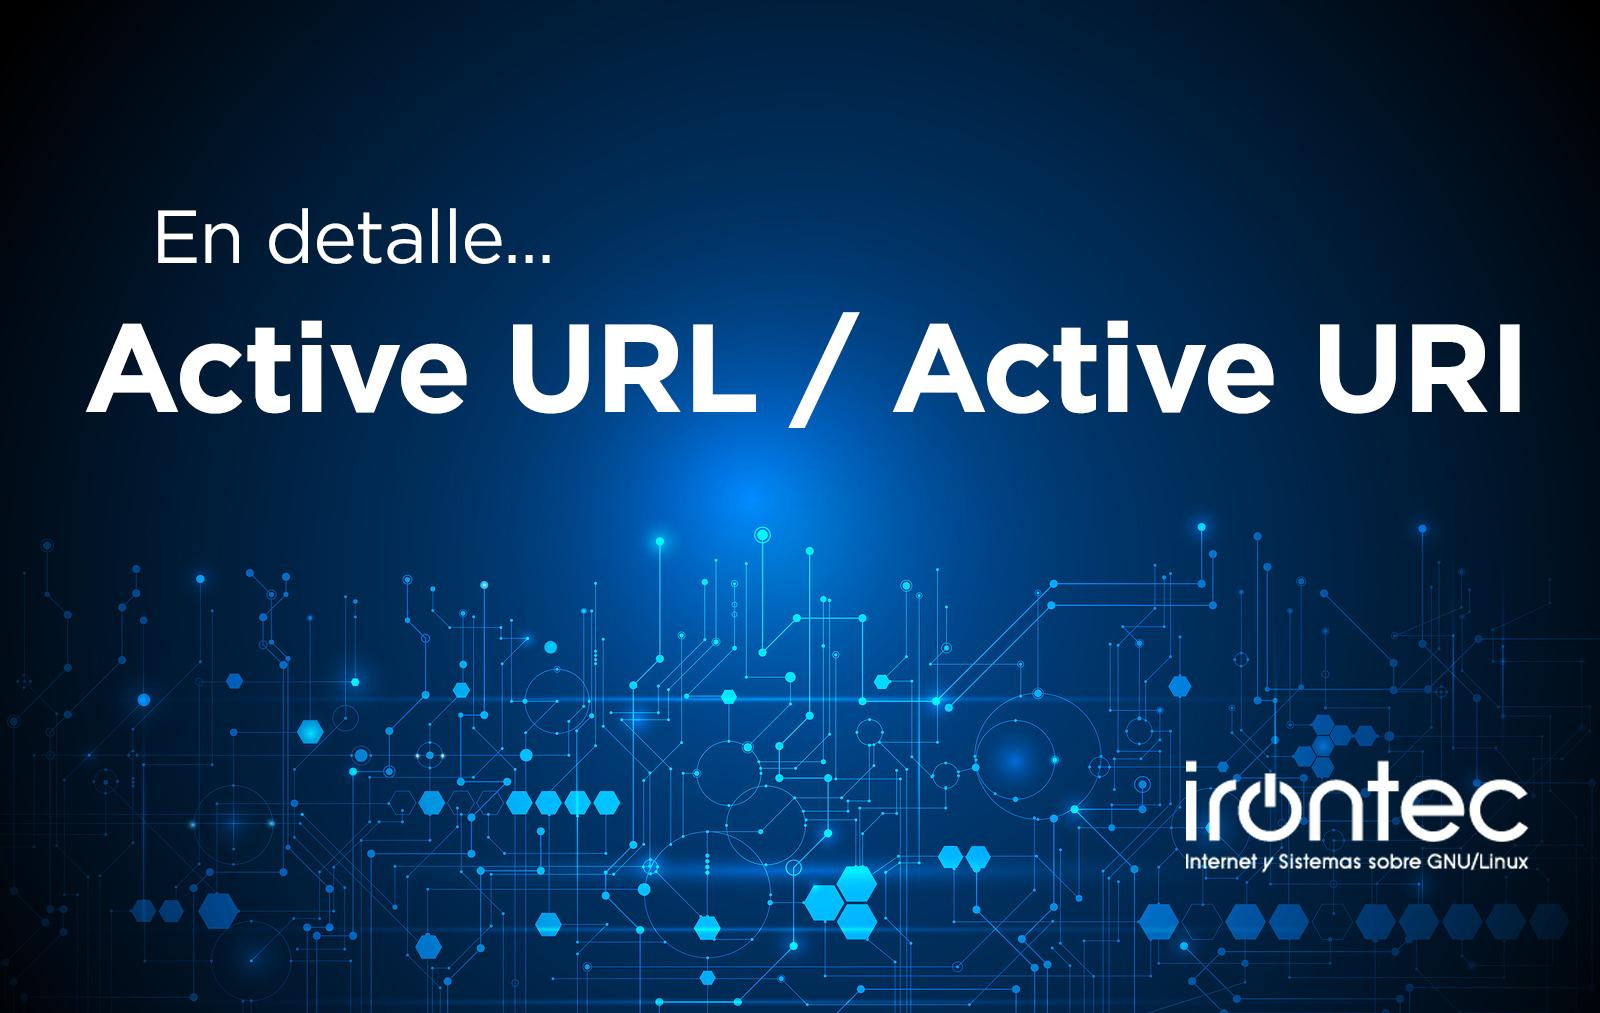 Action URL y Action URI